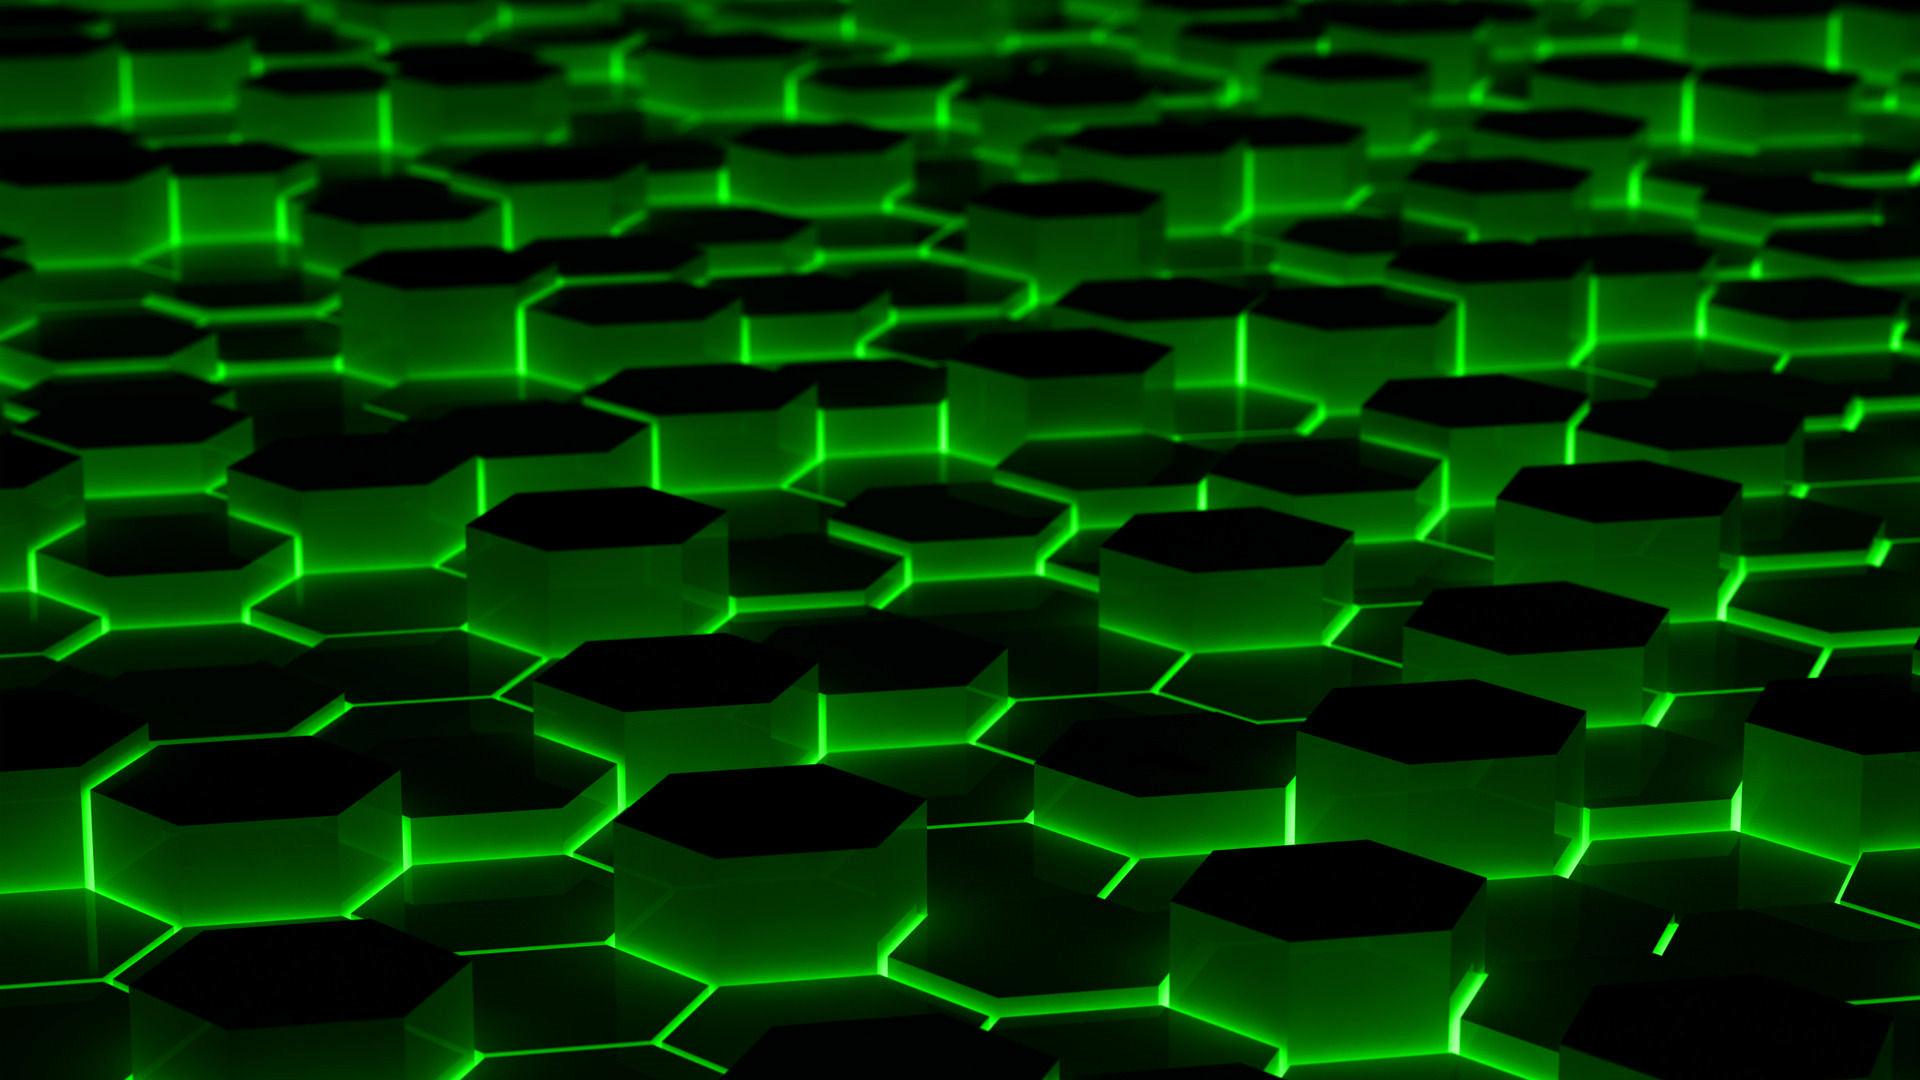 Wallpaper 1920x1080 Px Abstract Green Hexagons